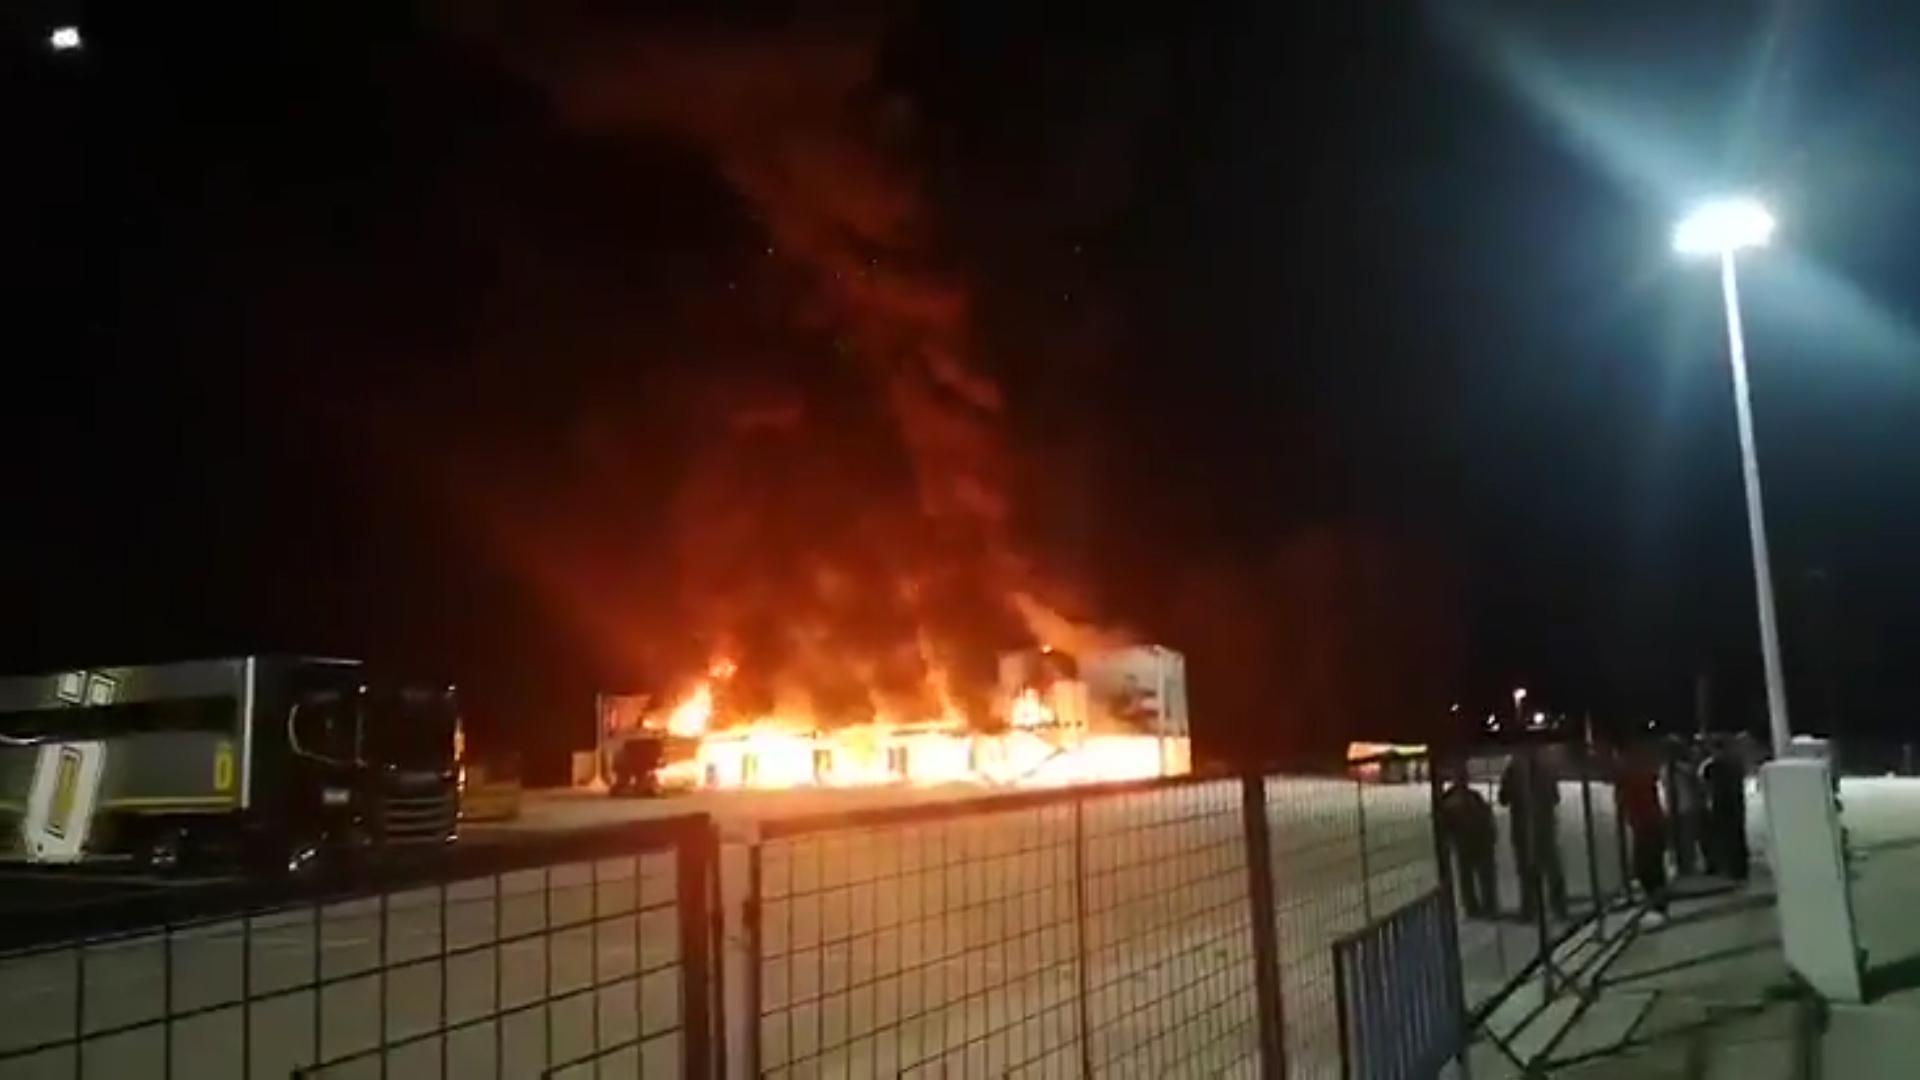 Las llamas alcanzaron los seis metros de altura según informaron medios españoles